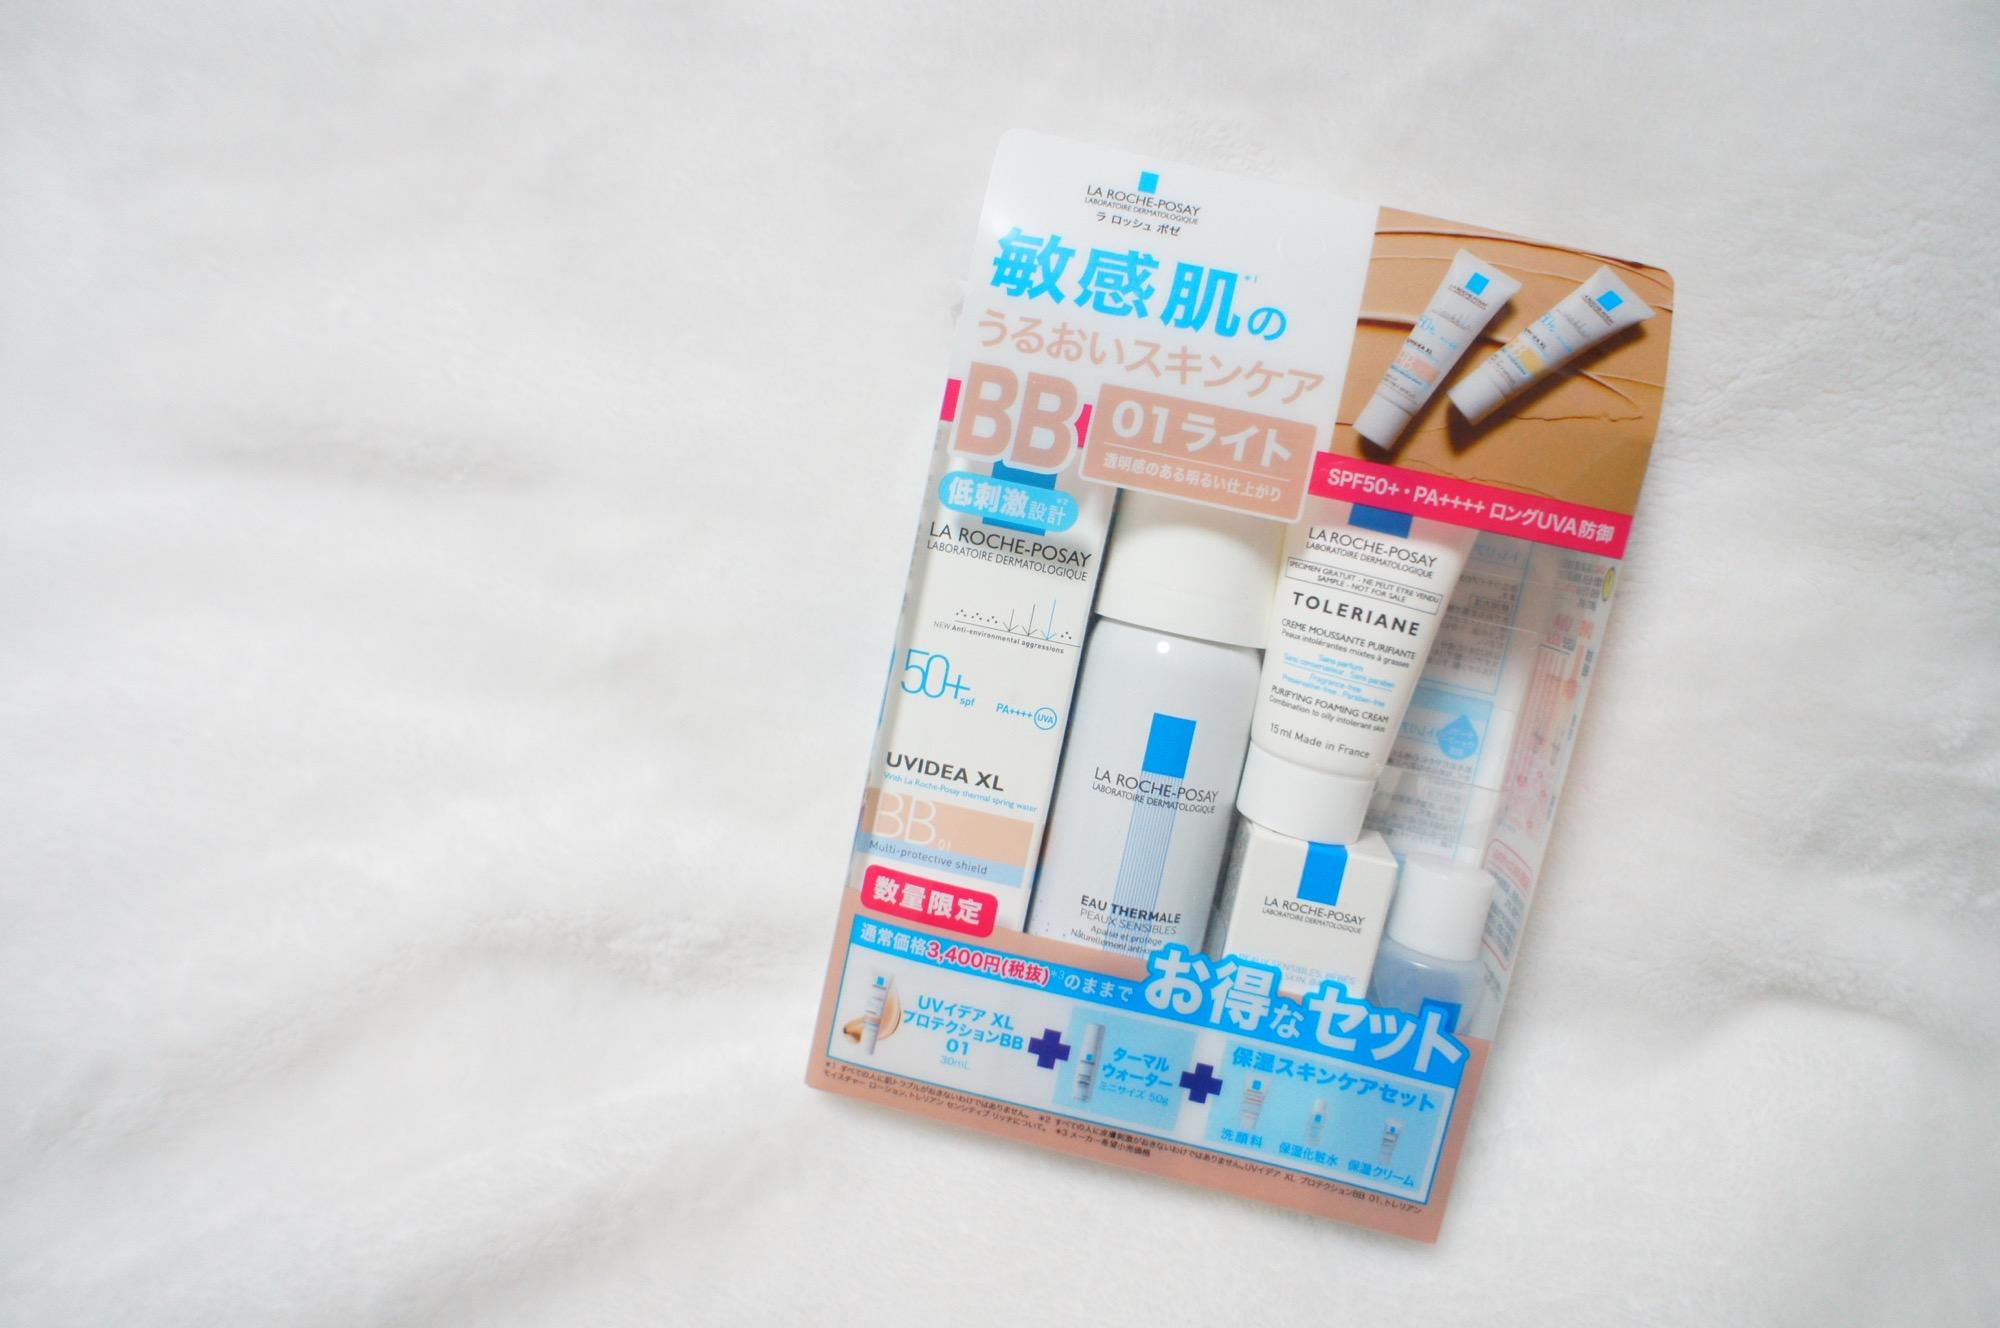 《皮膚科推奨の大人気スキンケア❤️》【ラ ロッシュ ポゼ】の福袋¥5,600+税がおトクすぎる!☻_3